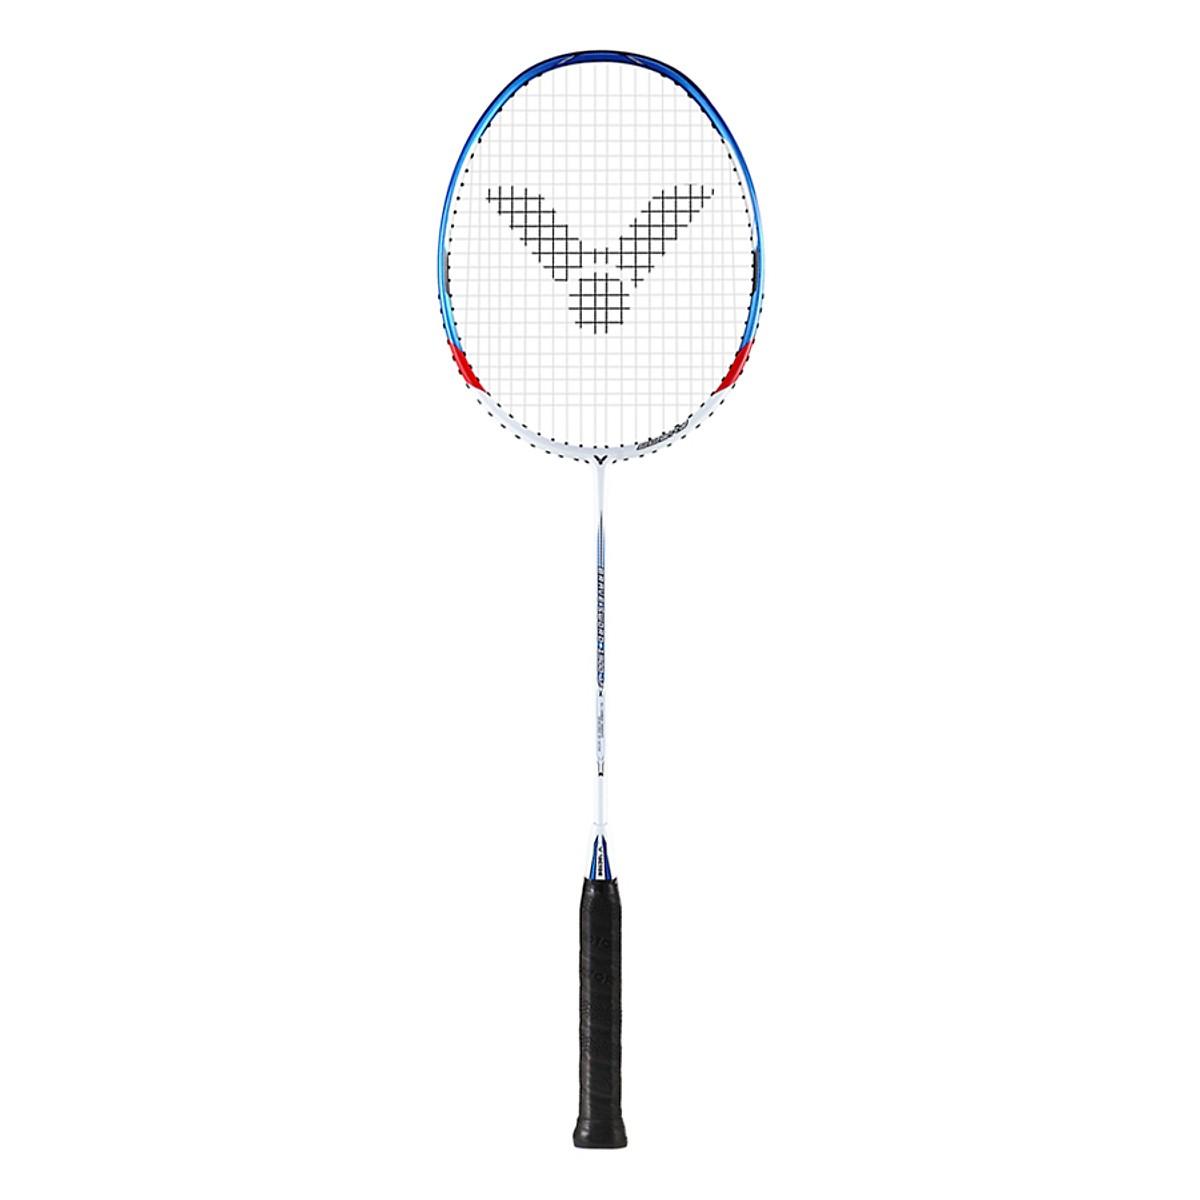 Tiêu chuẩn chọn mua vợt cầu lông nào tốt nhất cần biết 4